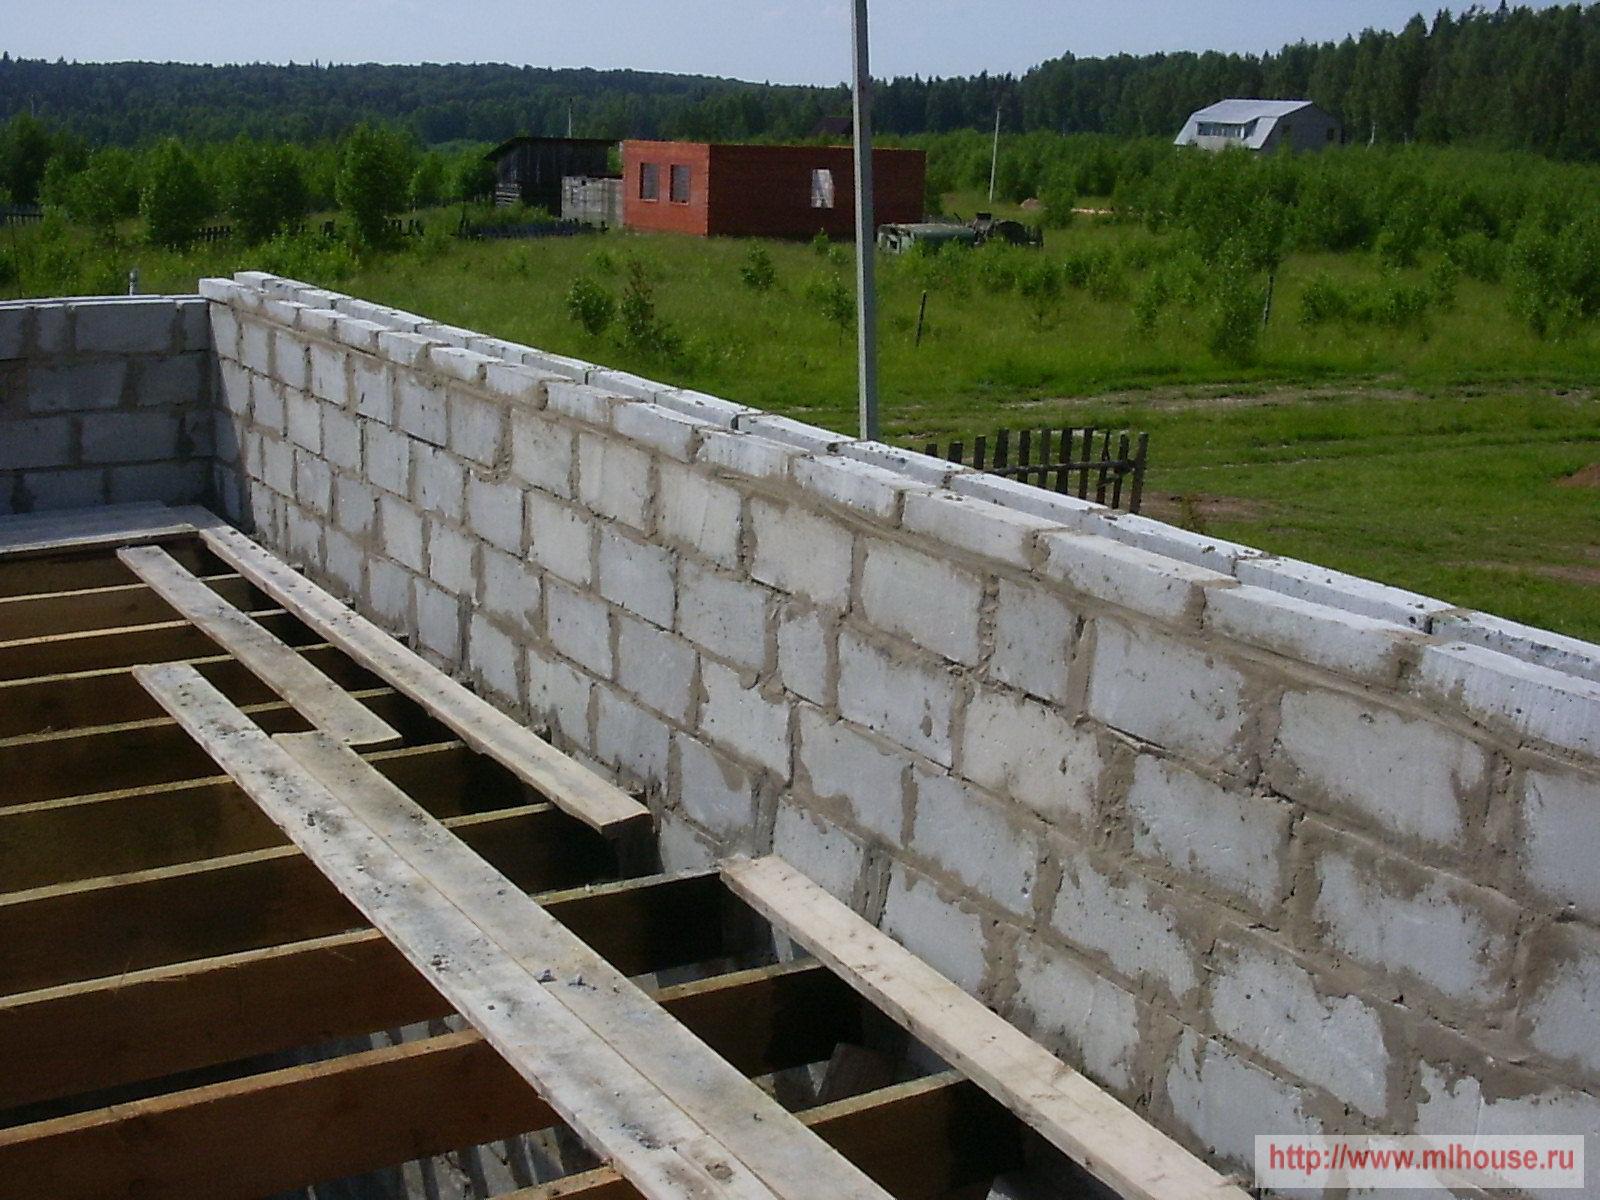 Мансарда, строим стены и перекрытия